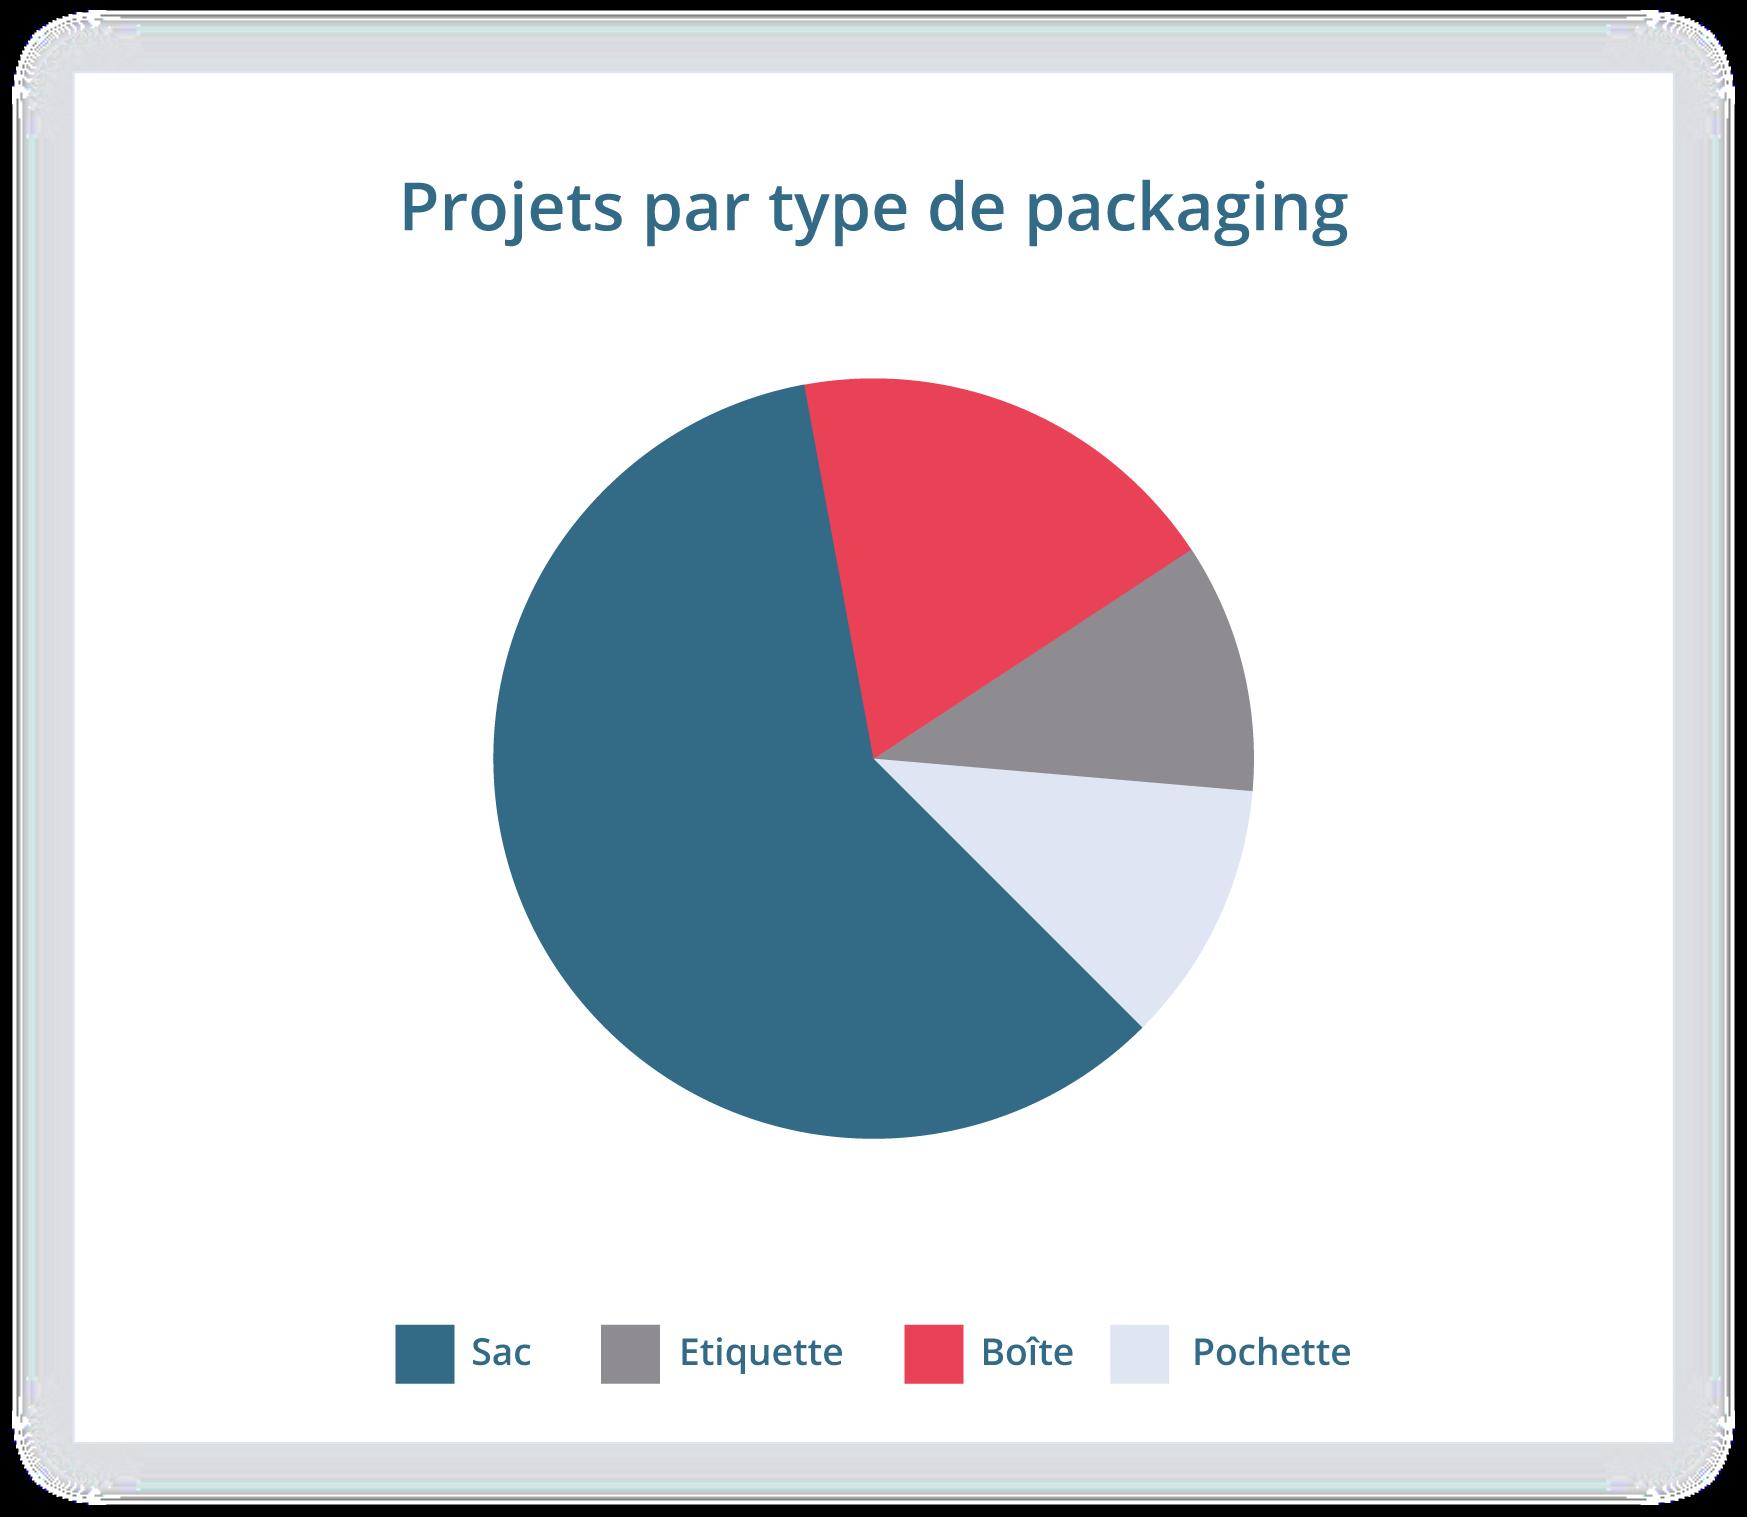 La gestion de projet dans la production packaging